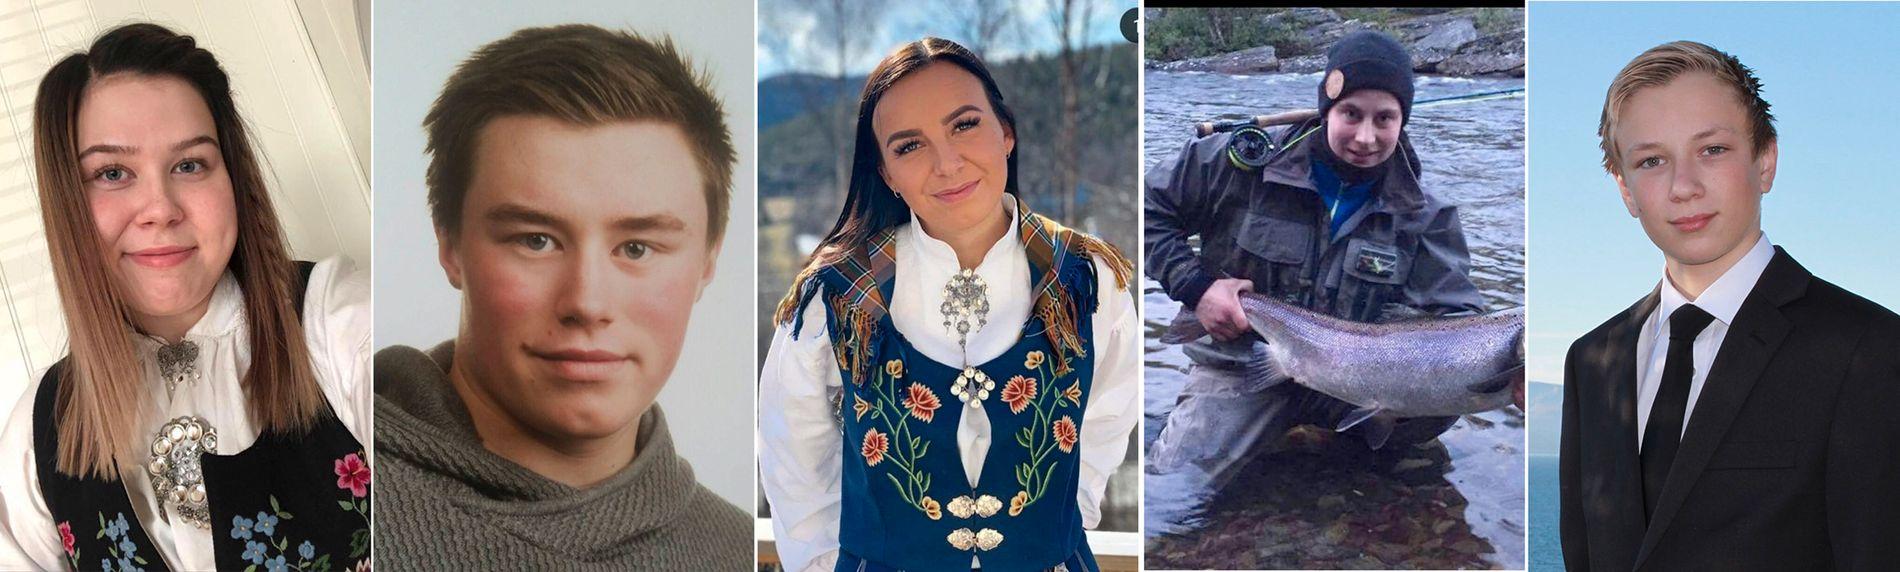 OMKOM: De fem passasjerene som omkom i helikopterulykken i Alta lørdag, var (fra v.): Kine Johnsen (20), Robin Karlsen (20), Benedikte Hyld Mella (22), Kevin Berg (20) og Markus Vonheim (19).